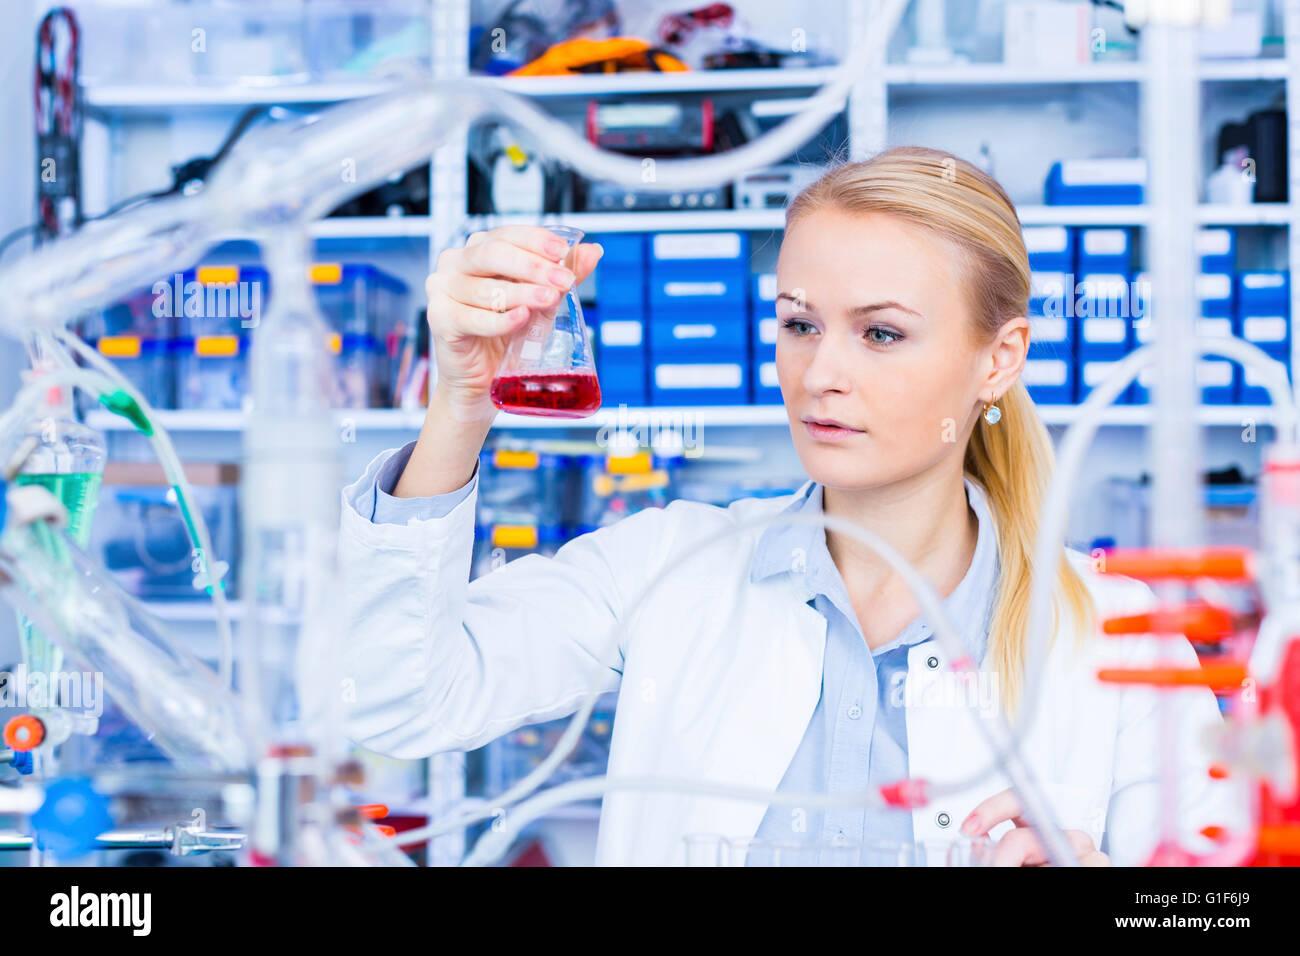 -MODELL VERÖFFENTLICHT. Weiblichen Chemiker im Labor. Stockbild